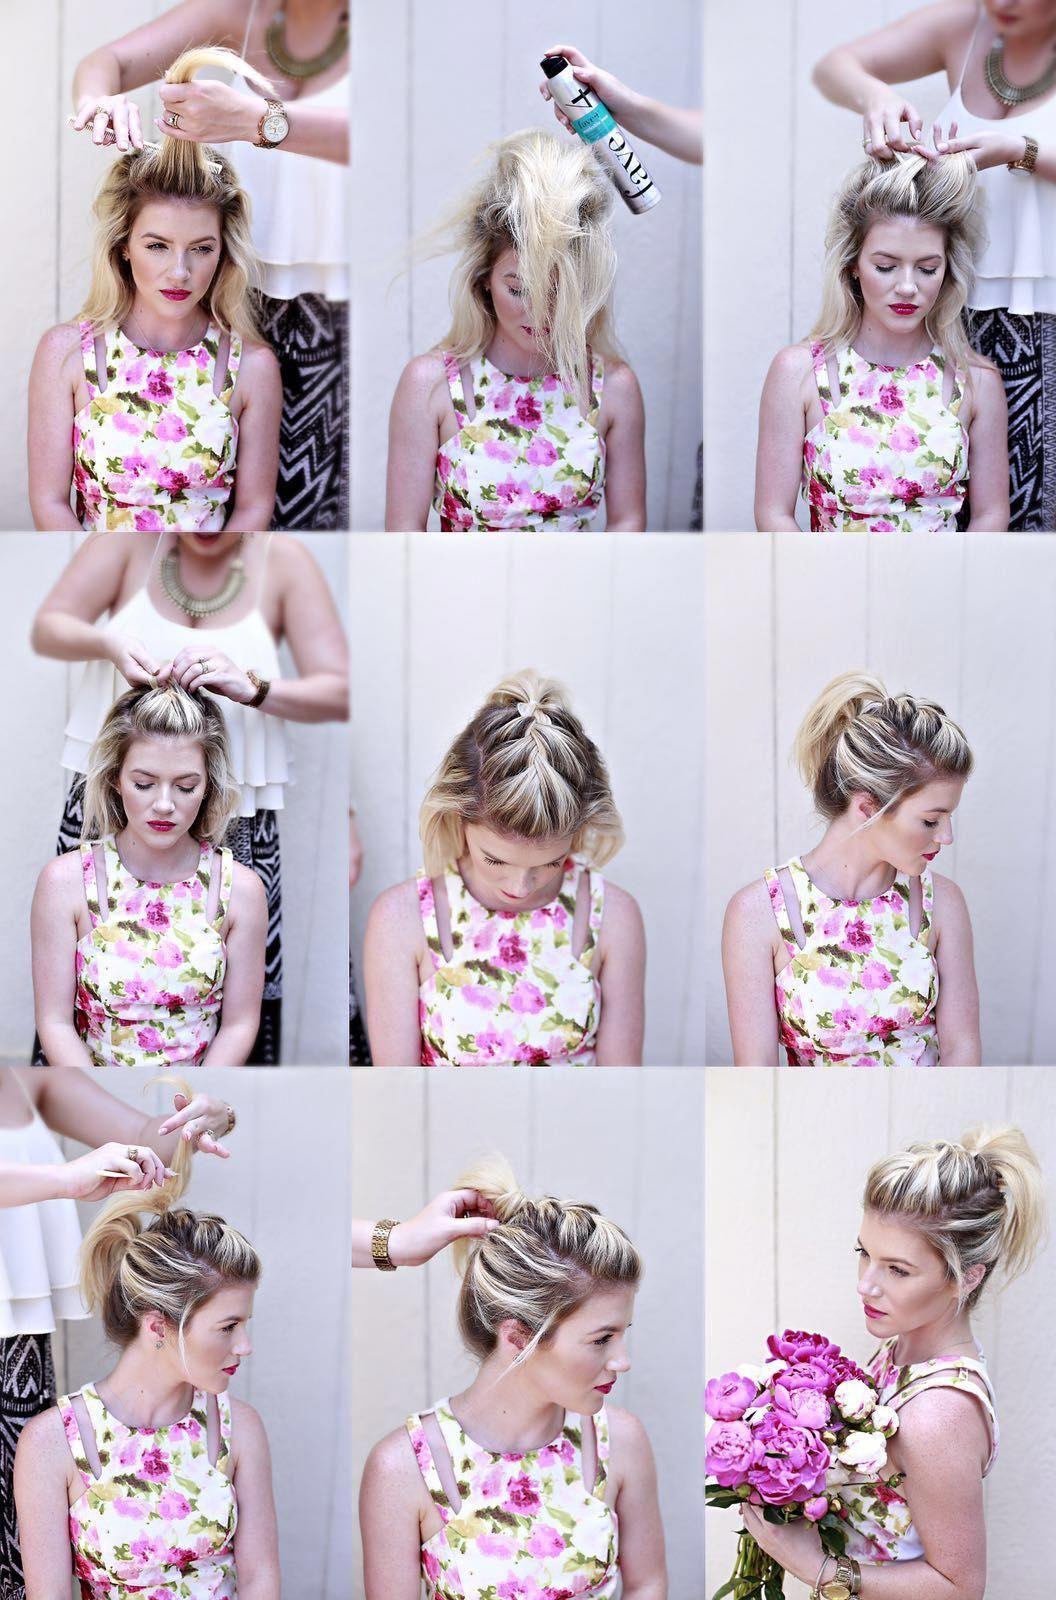 diy ponytail haircut for medium length hair diy hairstyles for wedding diyhairstyles diy hairstyles